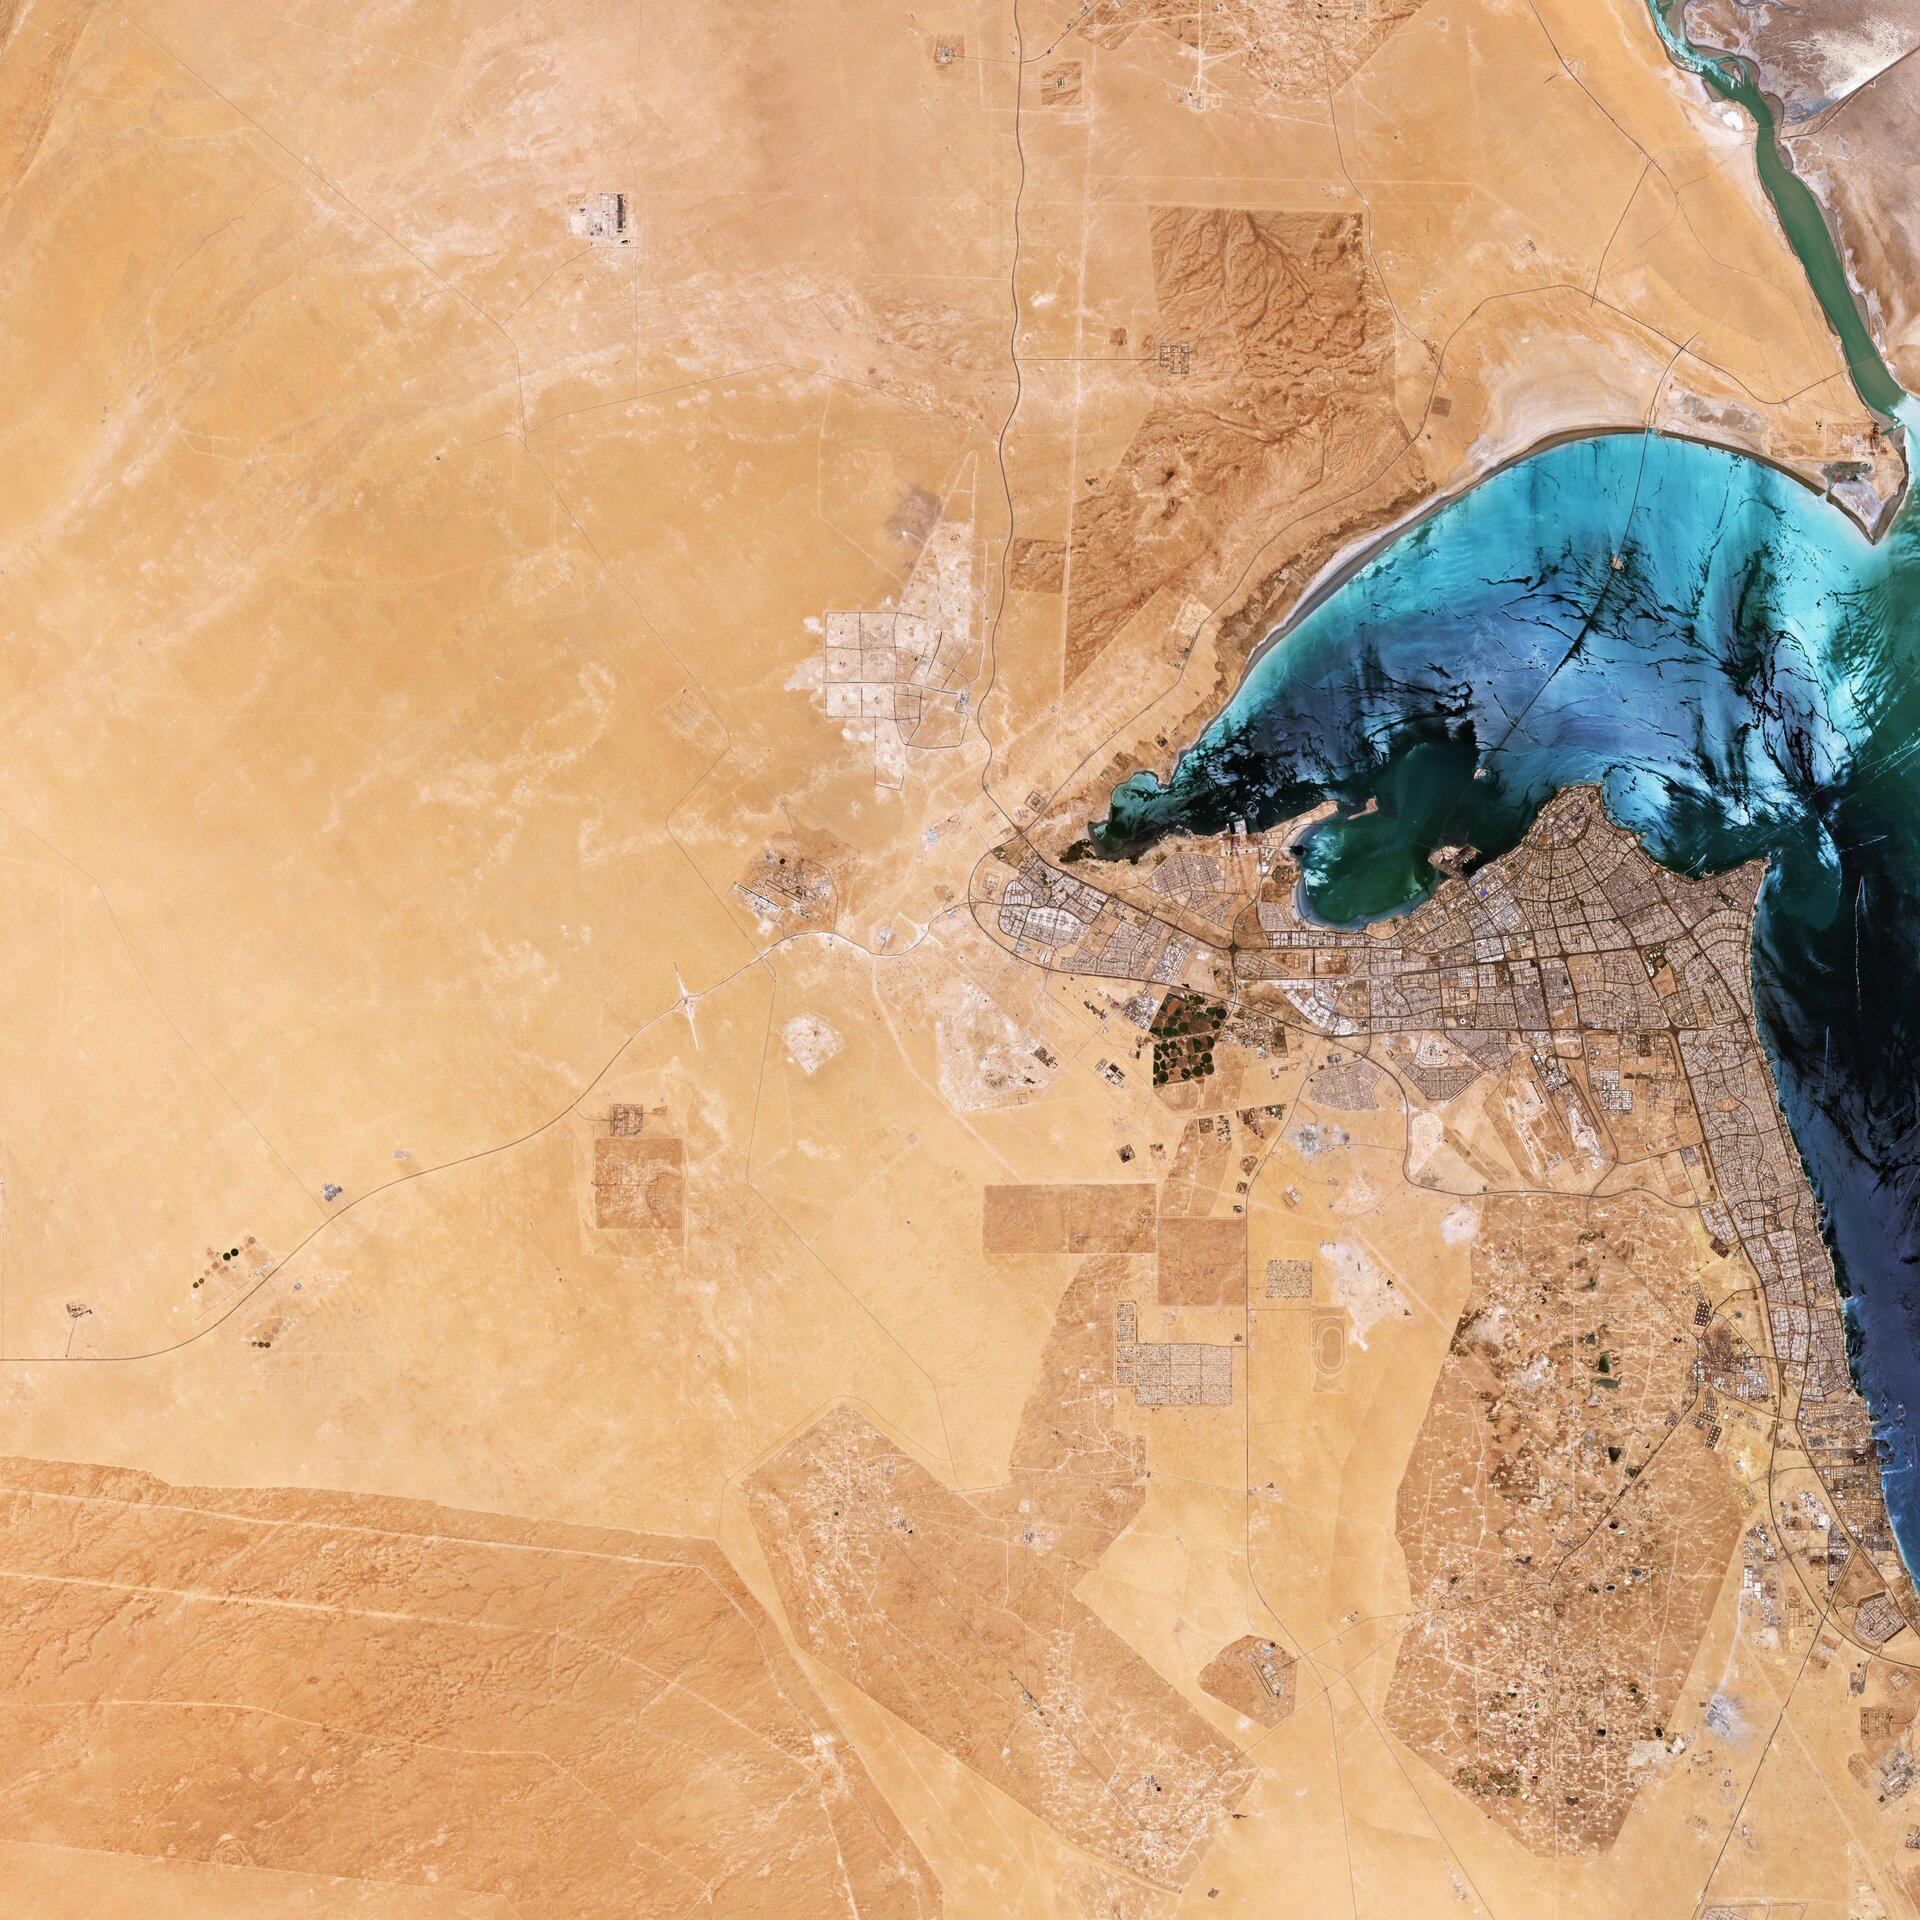 Кувейт глазами спутника Sentinel-2